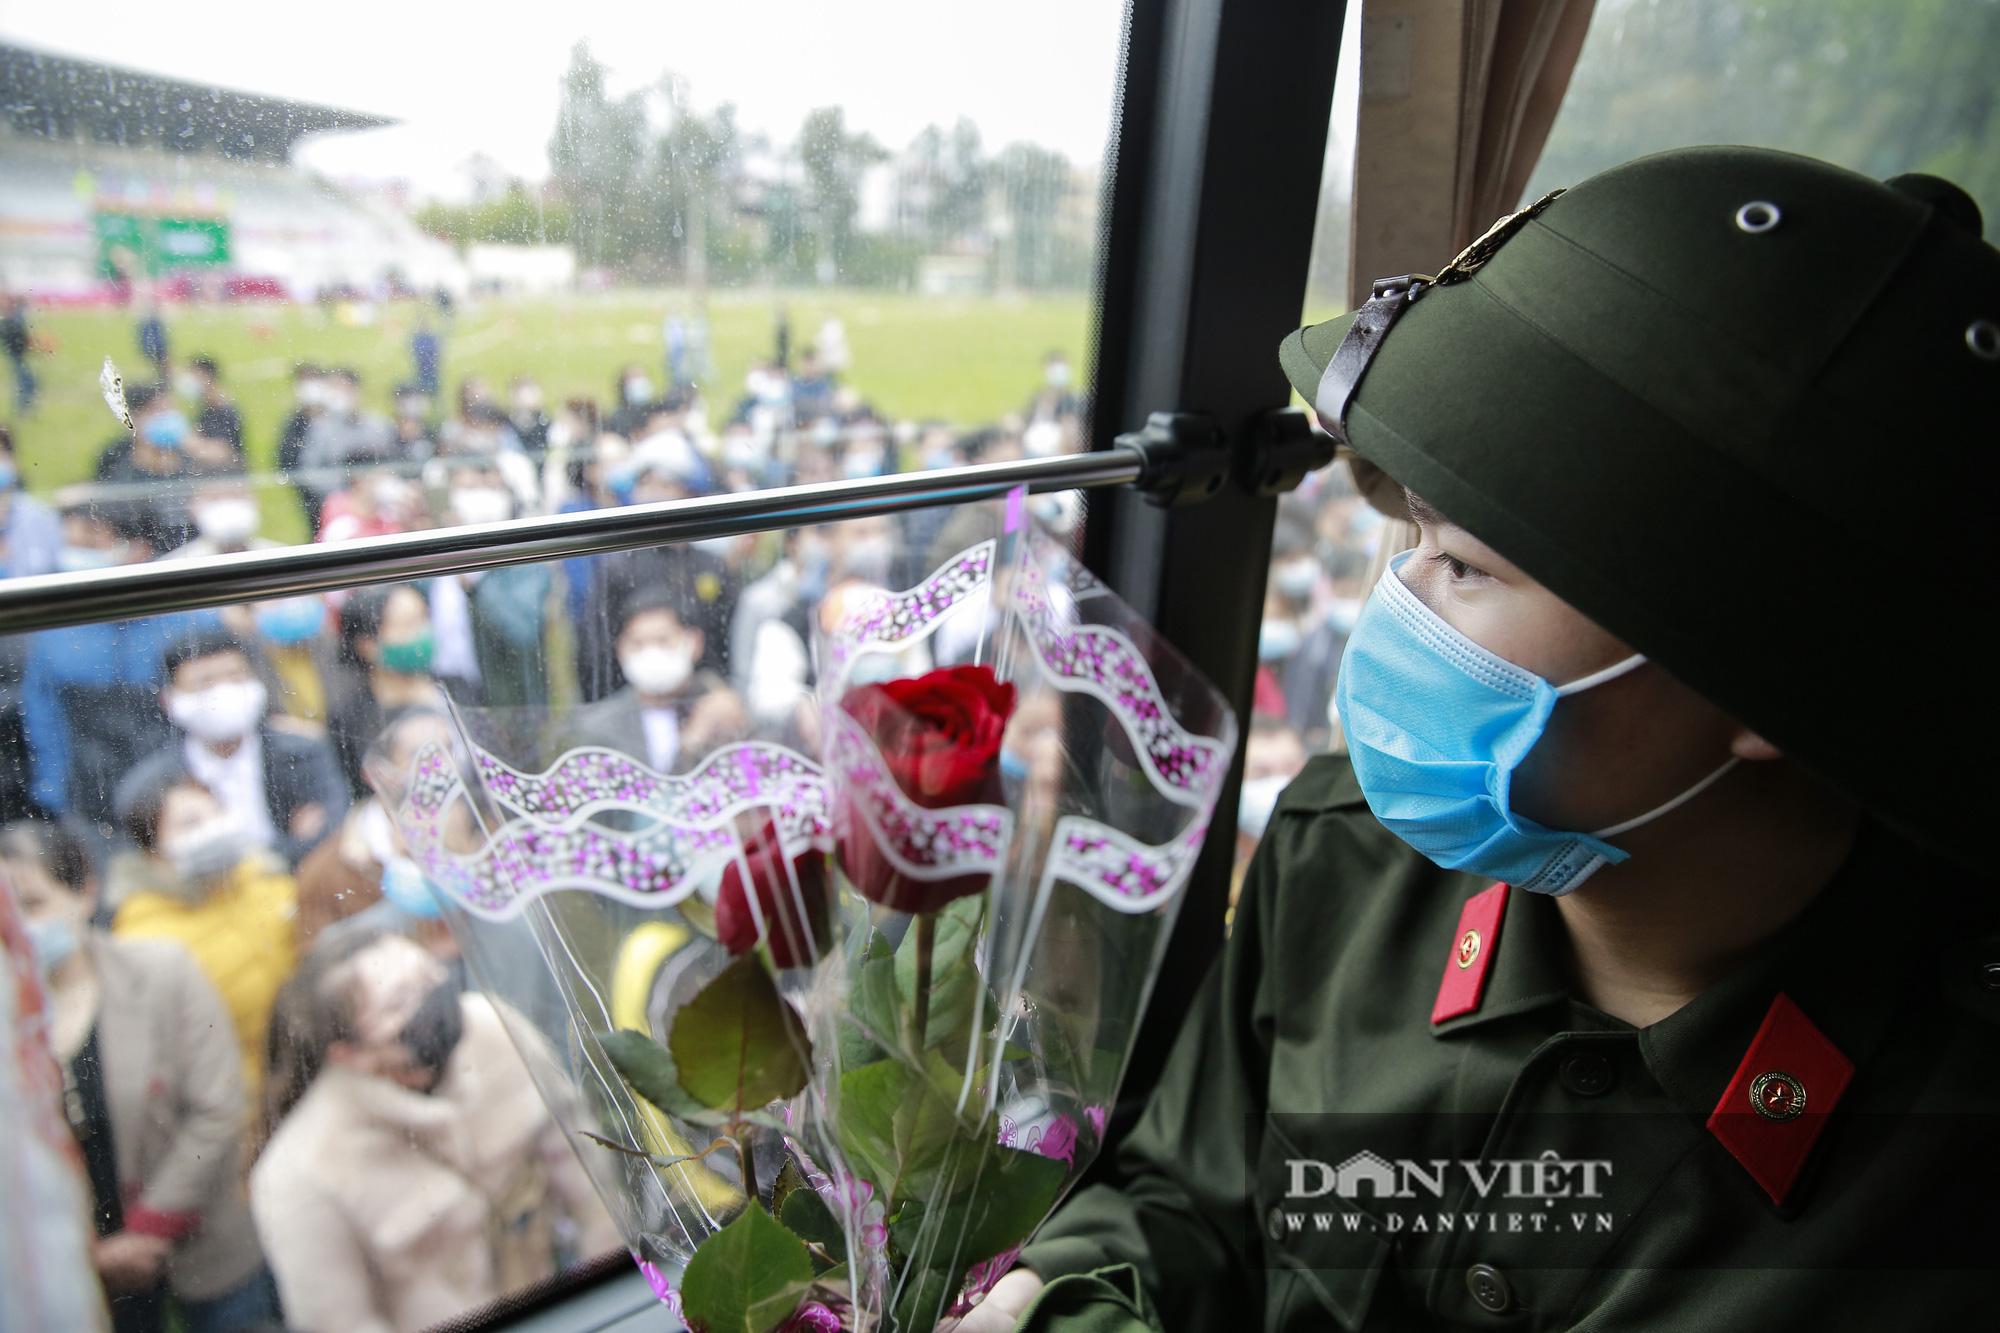 Khoảnh khắc xúc động ngày thanh niên Hà Nội lên đường thực hiện nghĩa vụ quân sự - Ảnh 11.